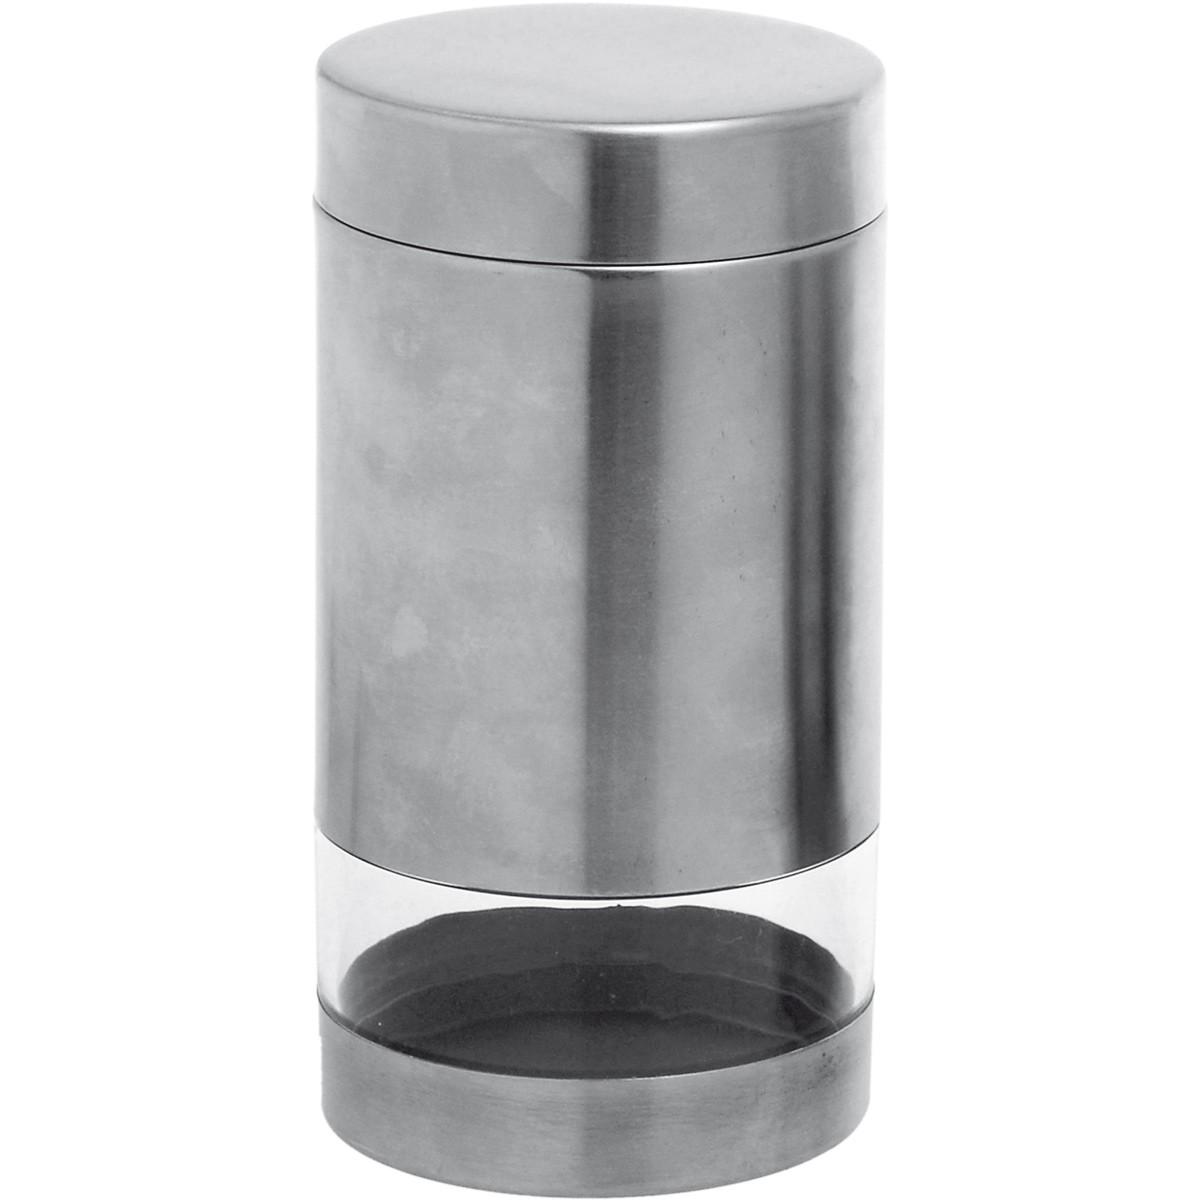 Βάζο Κουζίνας Μεγάλο Home Design PI2880C